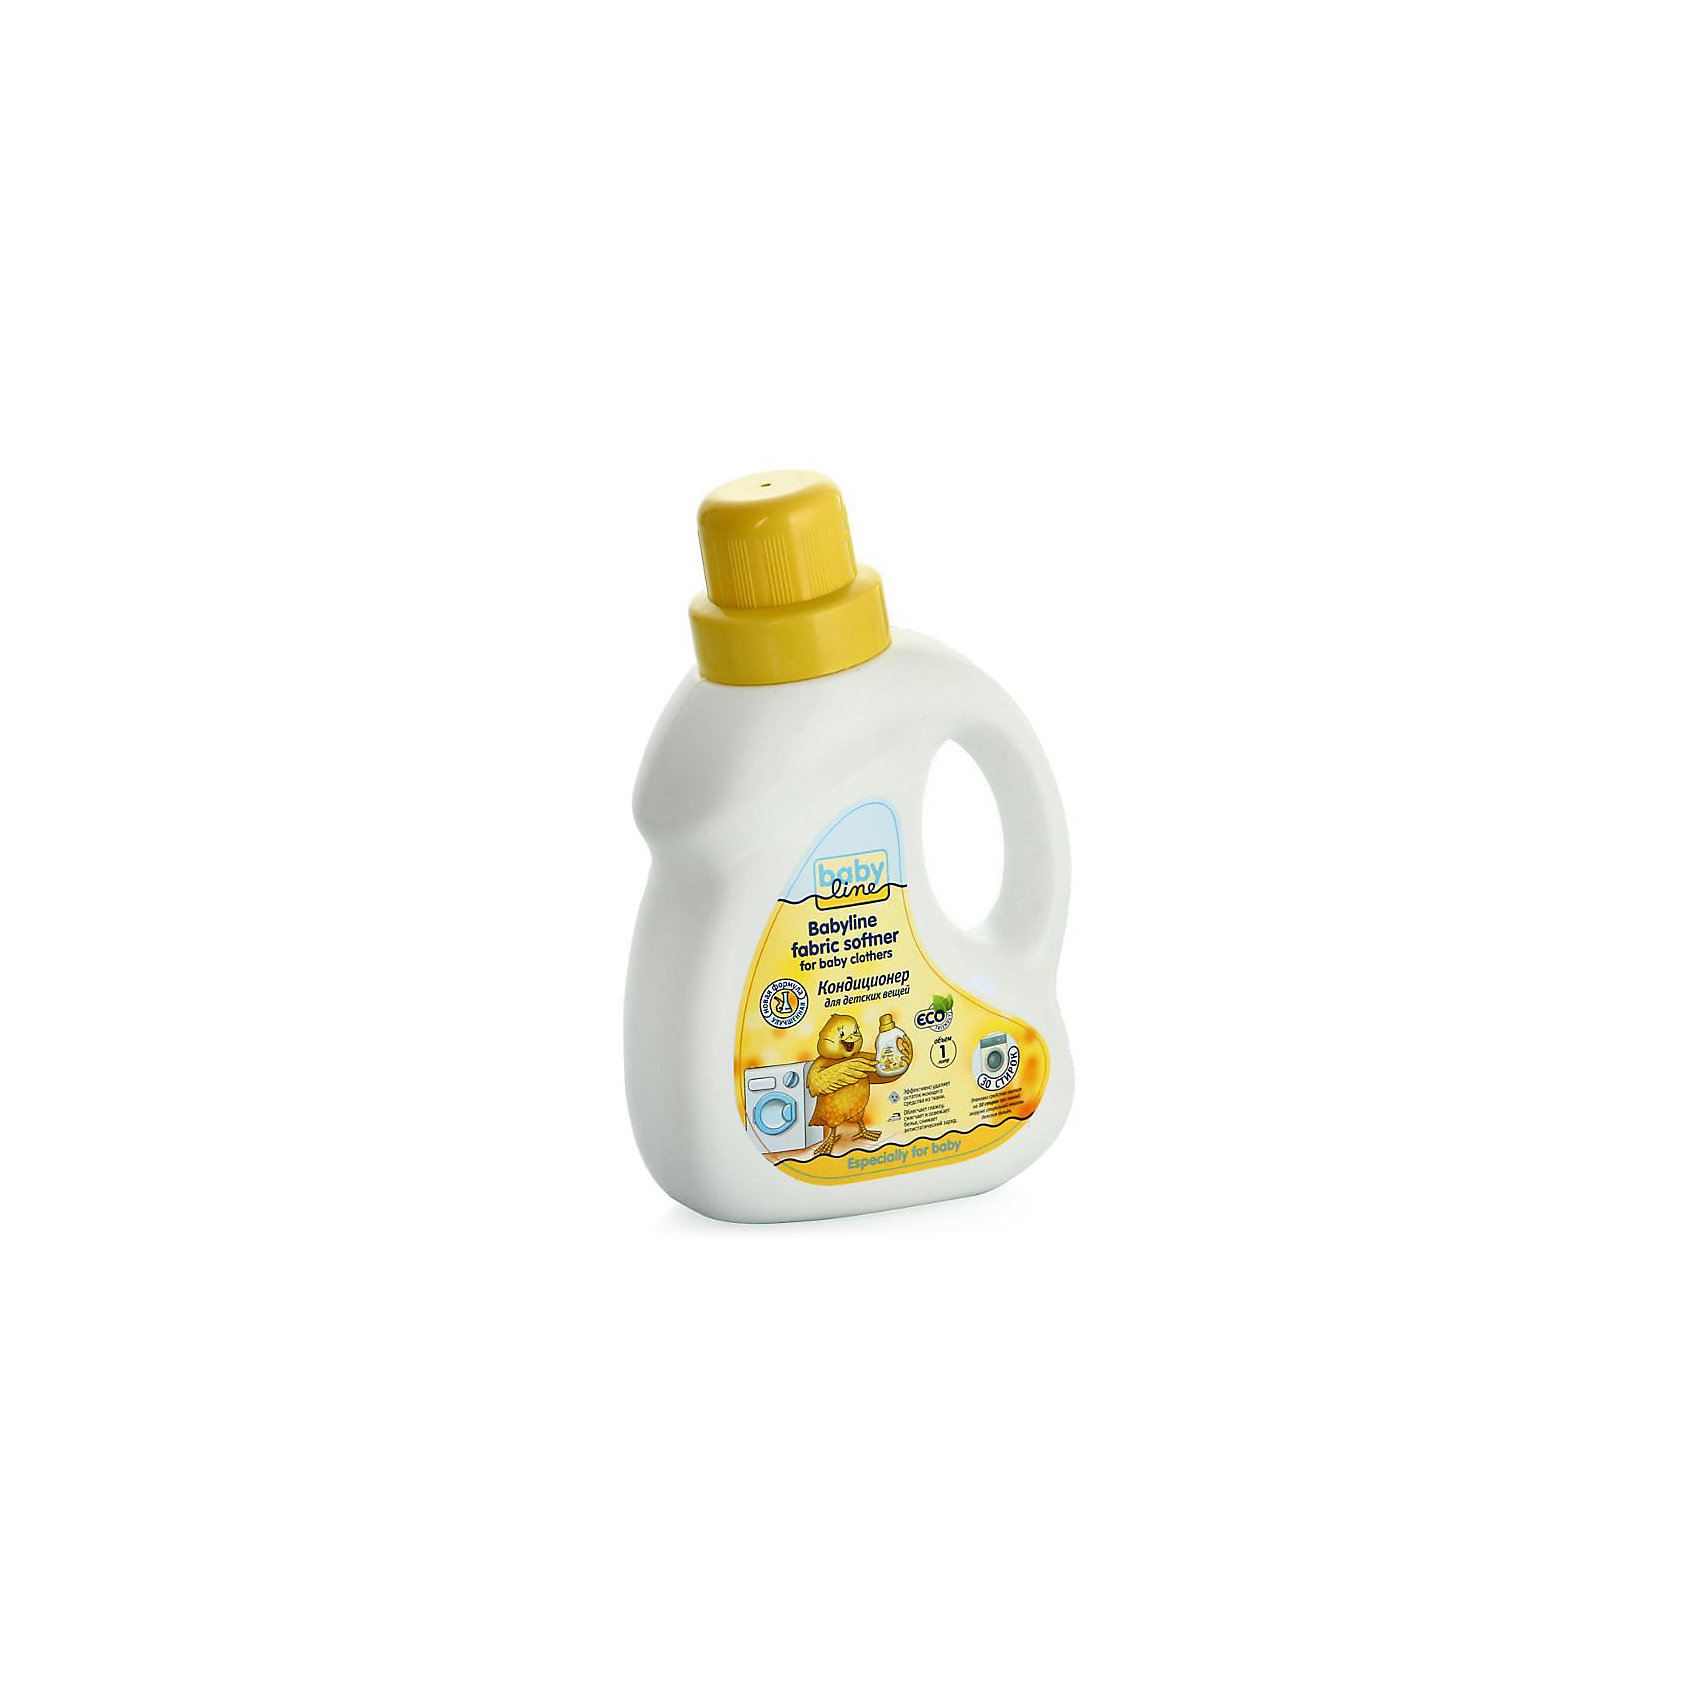 Babyline Кондиционер для стирки детских вещей 1 л (30 стирок), BABYLINE babyline вл салф комфорт sens 80шт